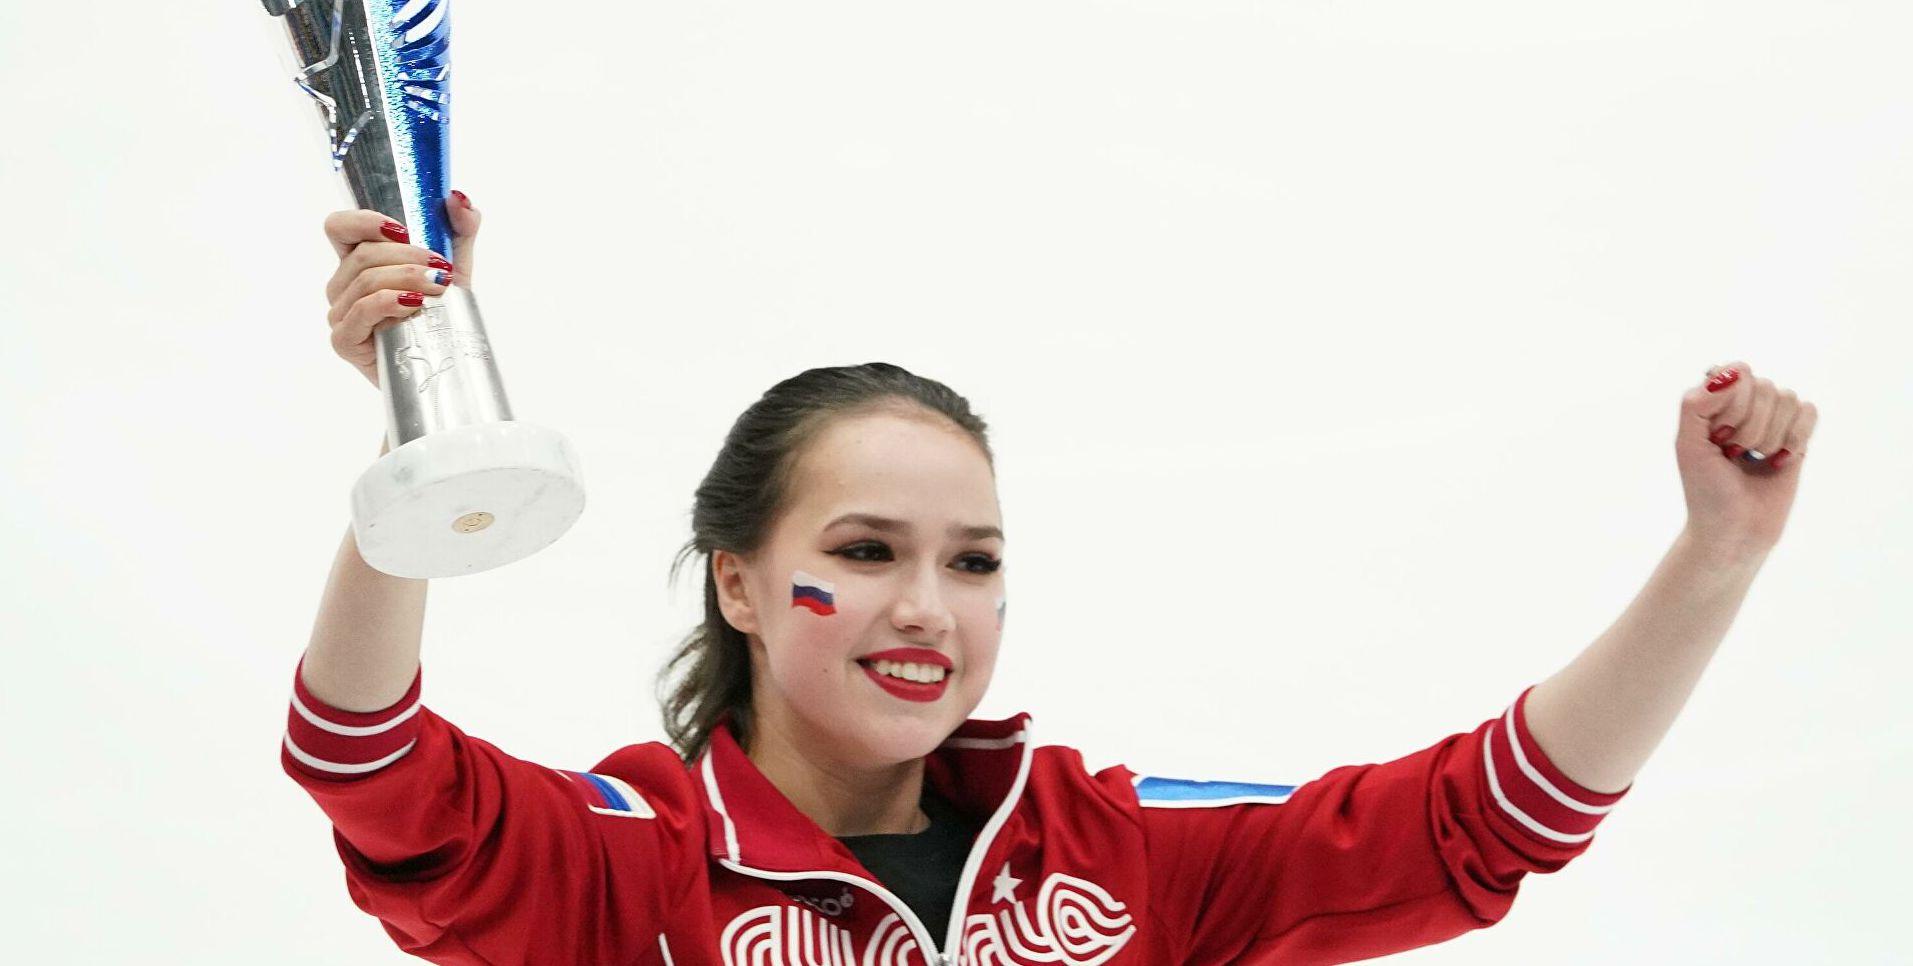 Гендиректор ФФККР – о Загитовой в финале Кубка России: Вы не те вопросы задаете - фото